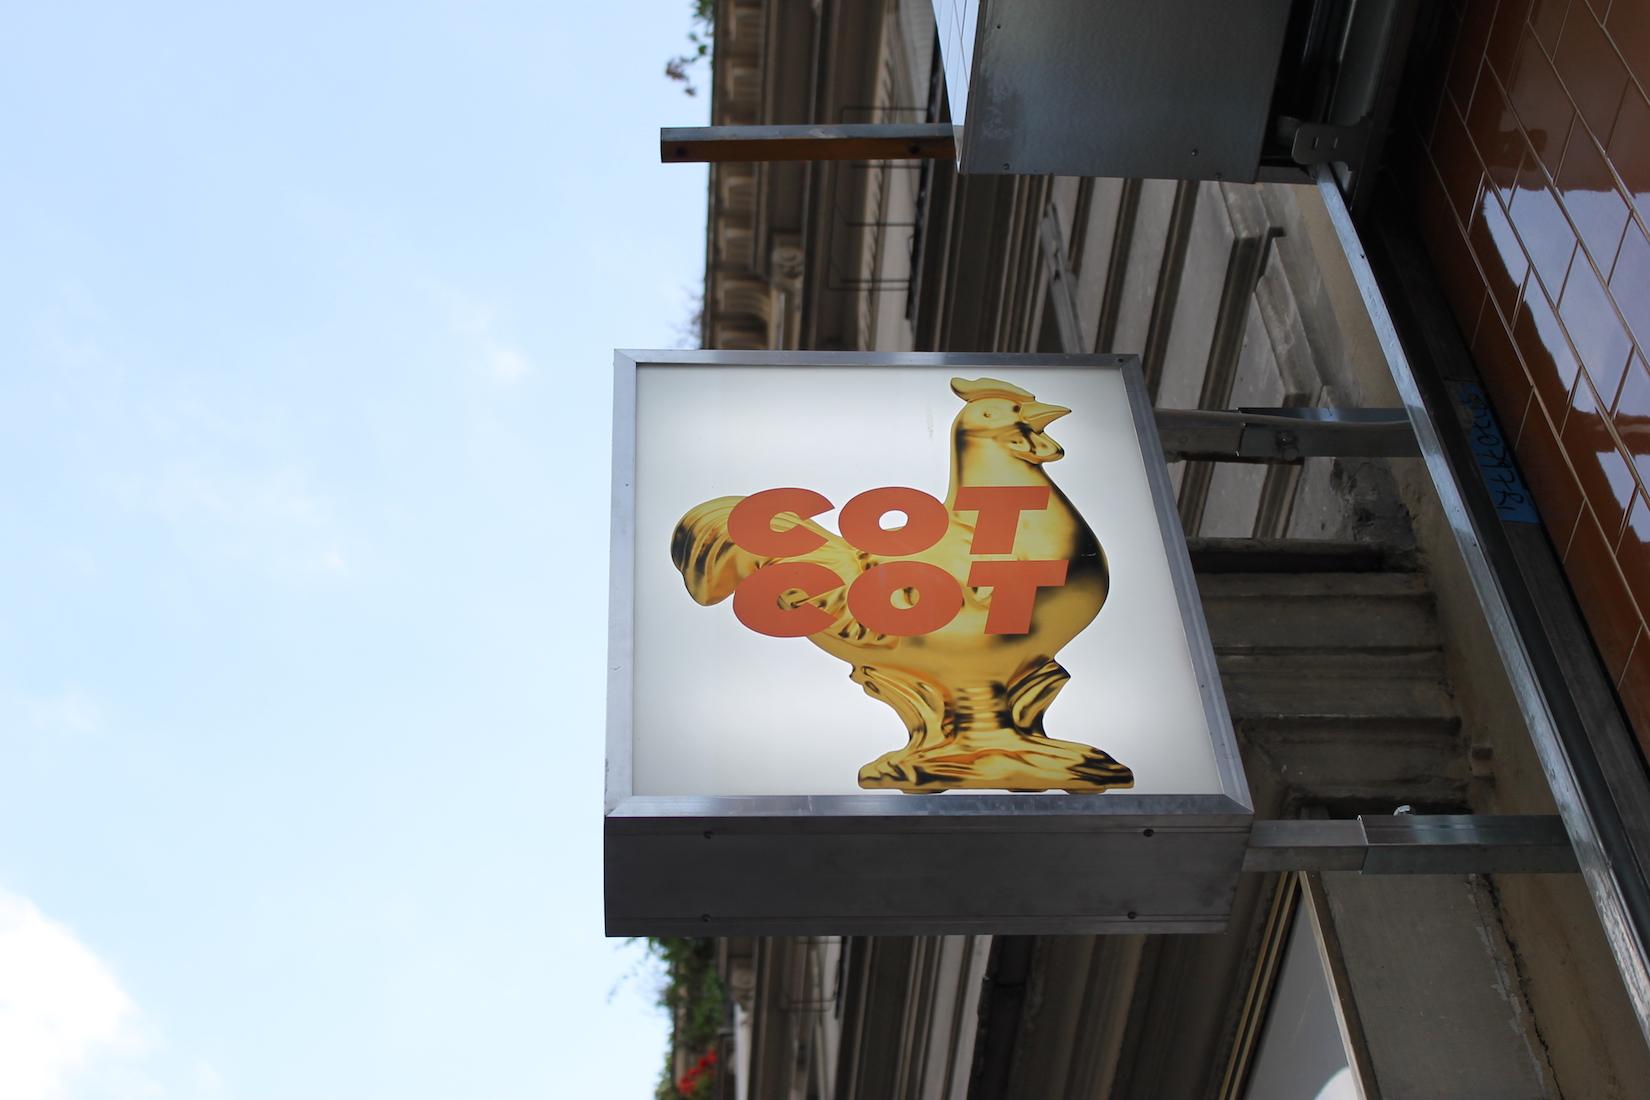 restaurant-cot-cot